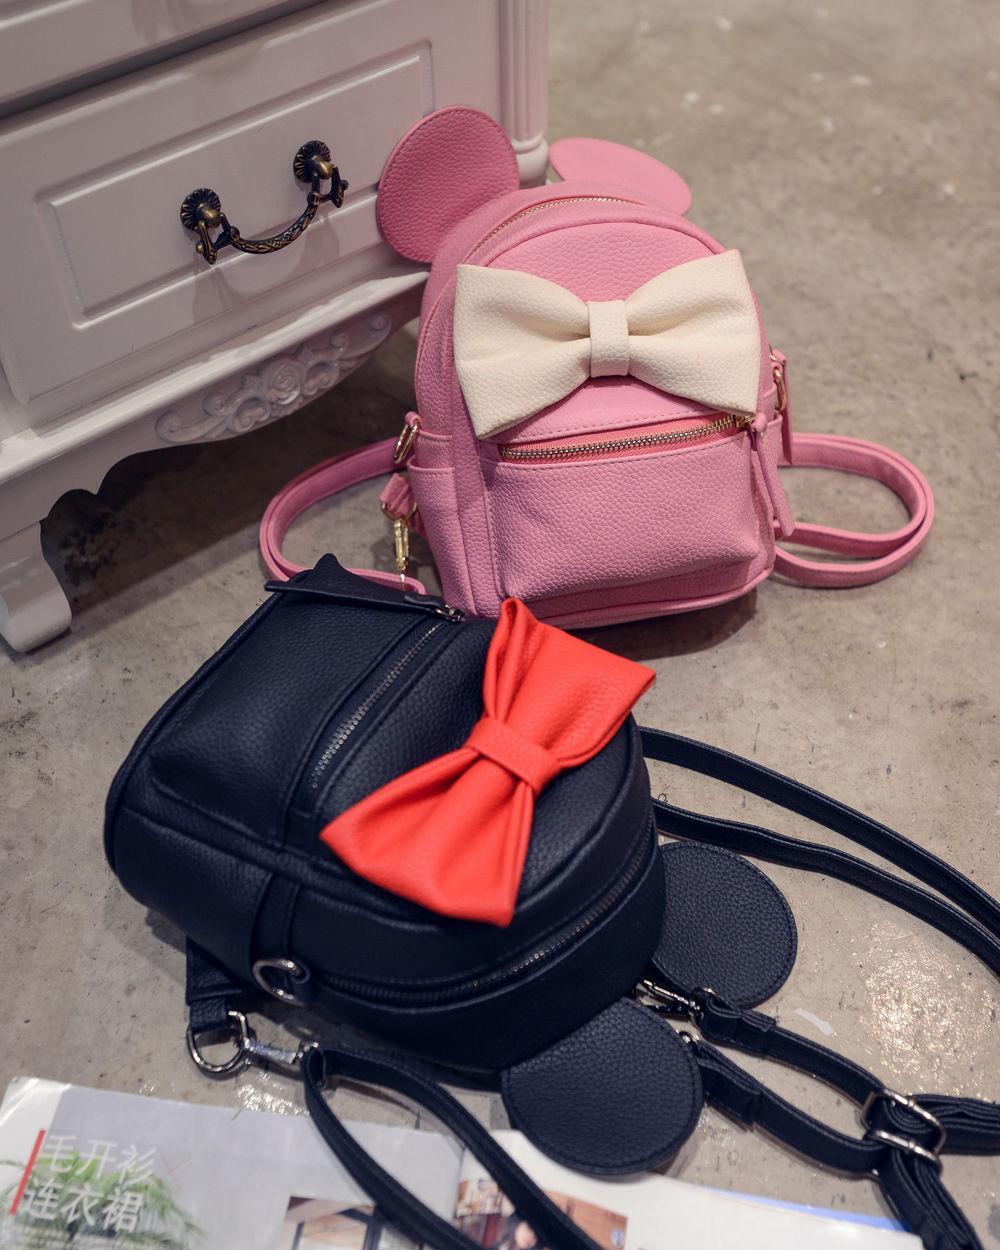 Zaini Zaino in pelle Donne per Teenage Girls School casual Travel Bag Carino stoccaggio organizzazione bag